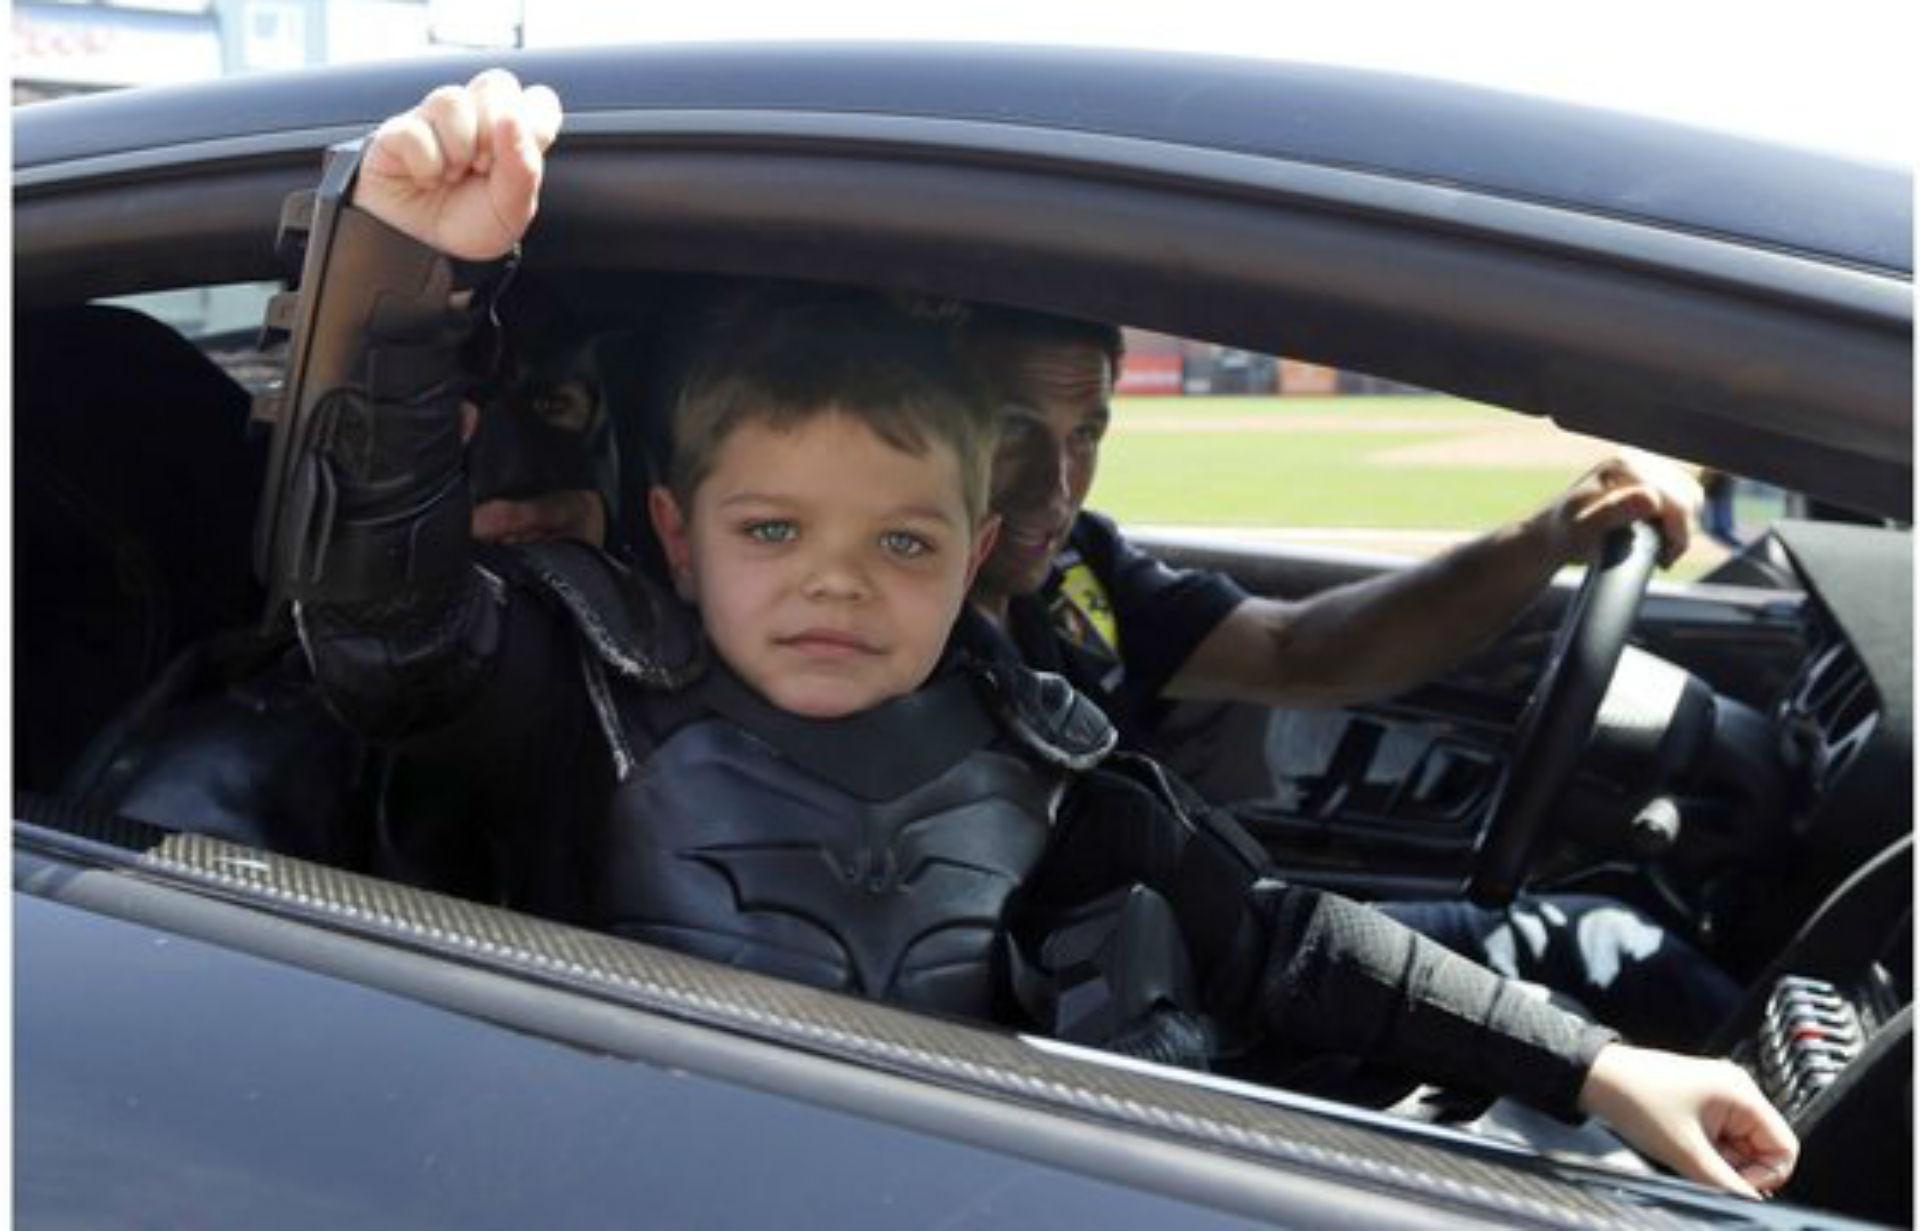 bat kid_1542370052529.jpg.jpg